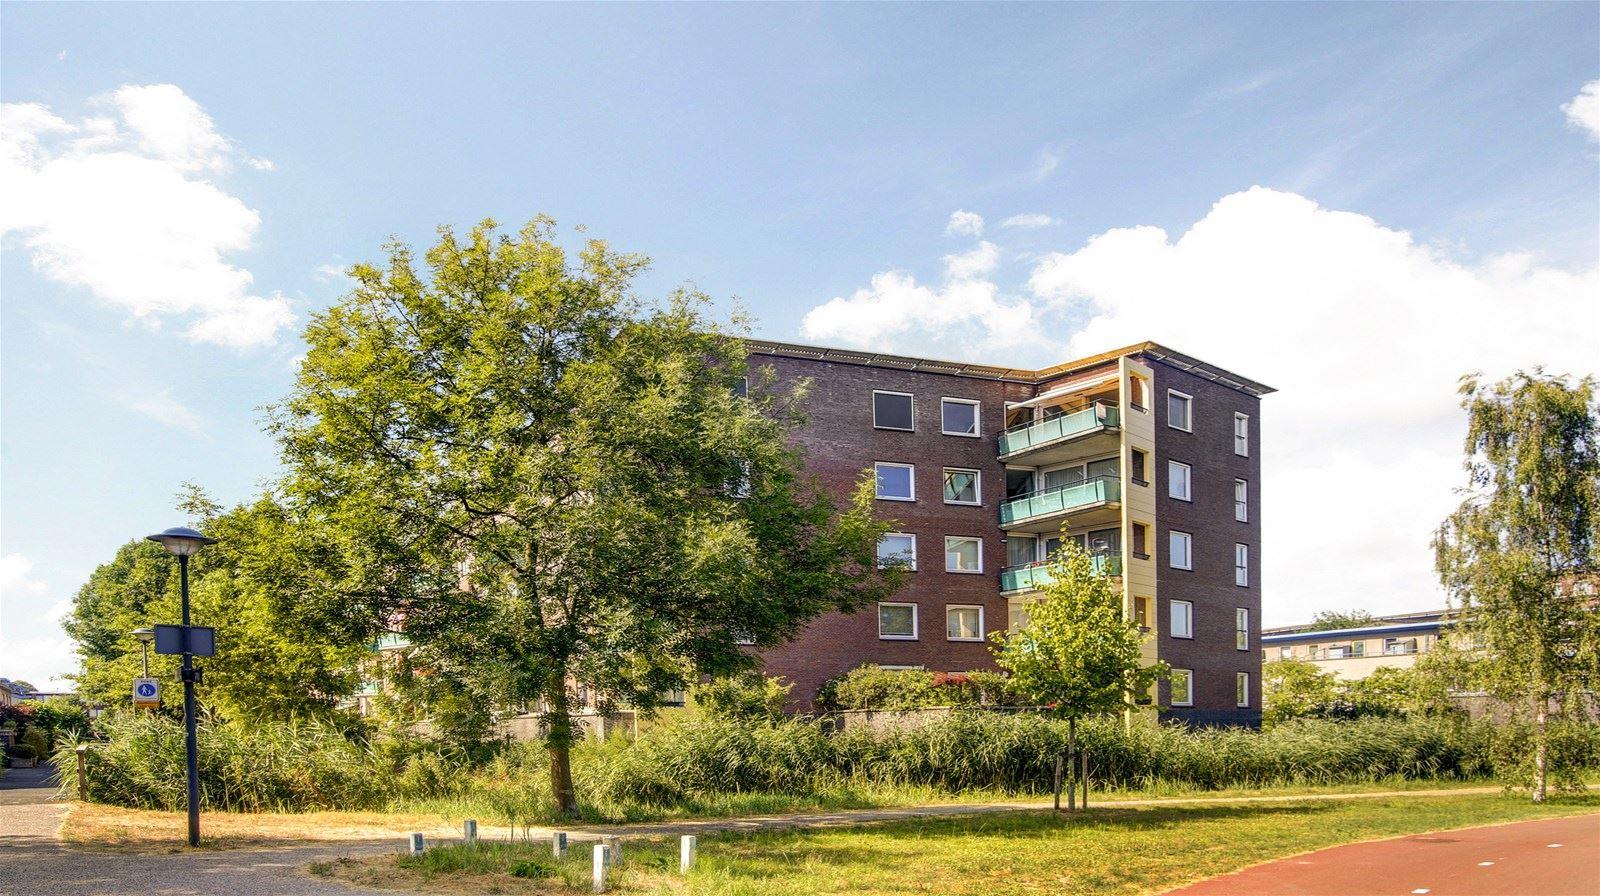 Appartement te koop praterlaan 140 1098 ws amsterdam funda for Funda amsterdam watergraafsmeer